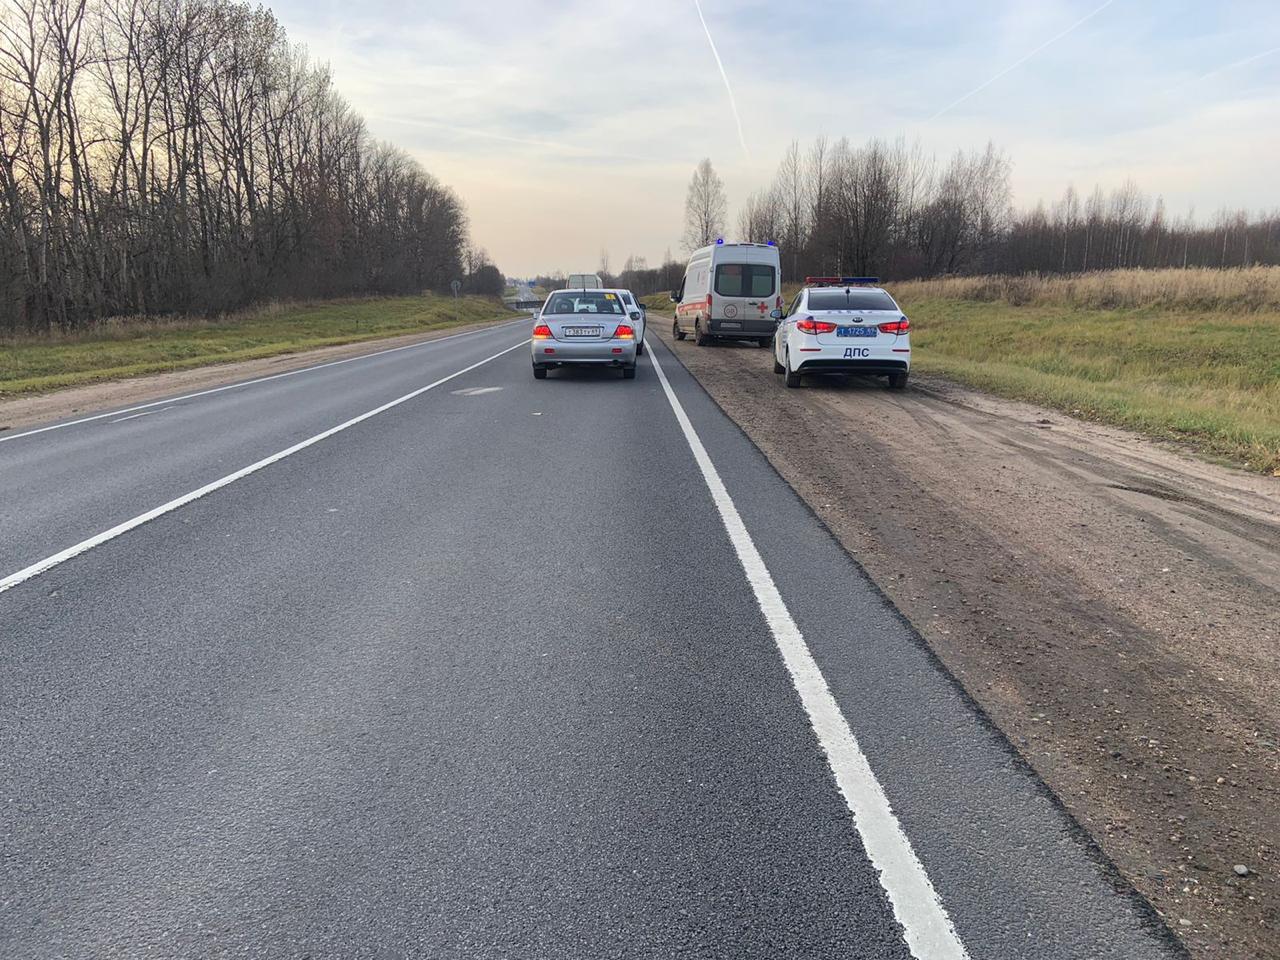 Пожилая женщина пострадала в ДТП на трассе М9 «Балтия» в Тверской области - новости Афанасий